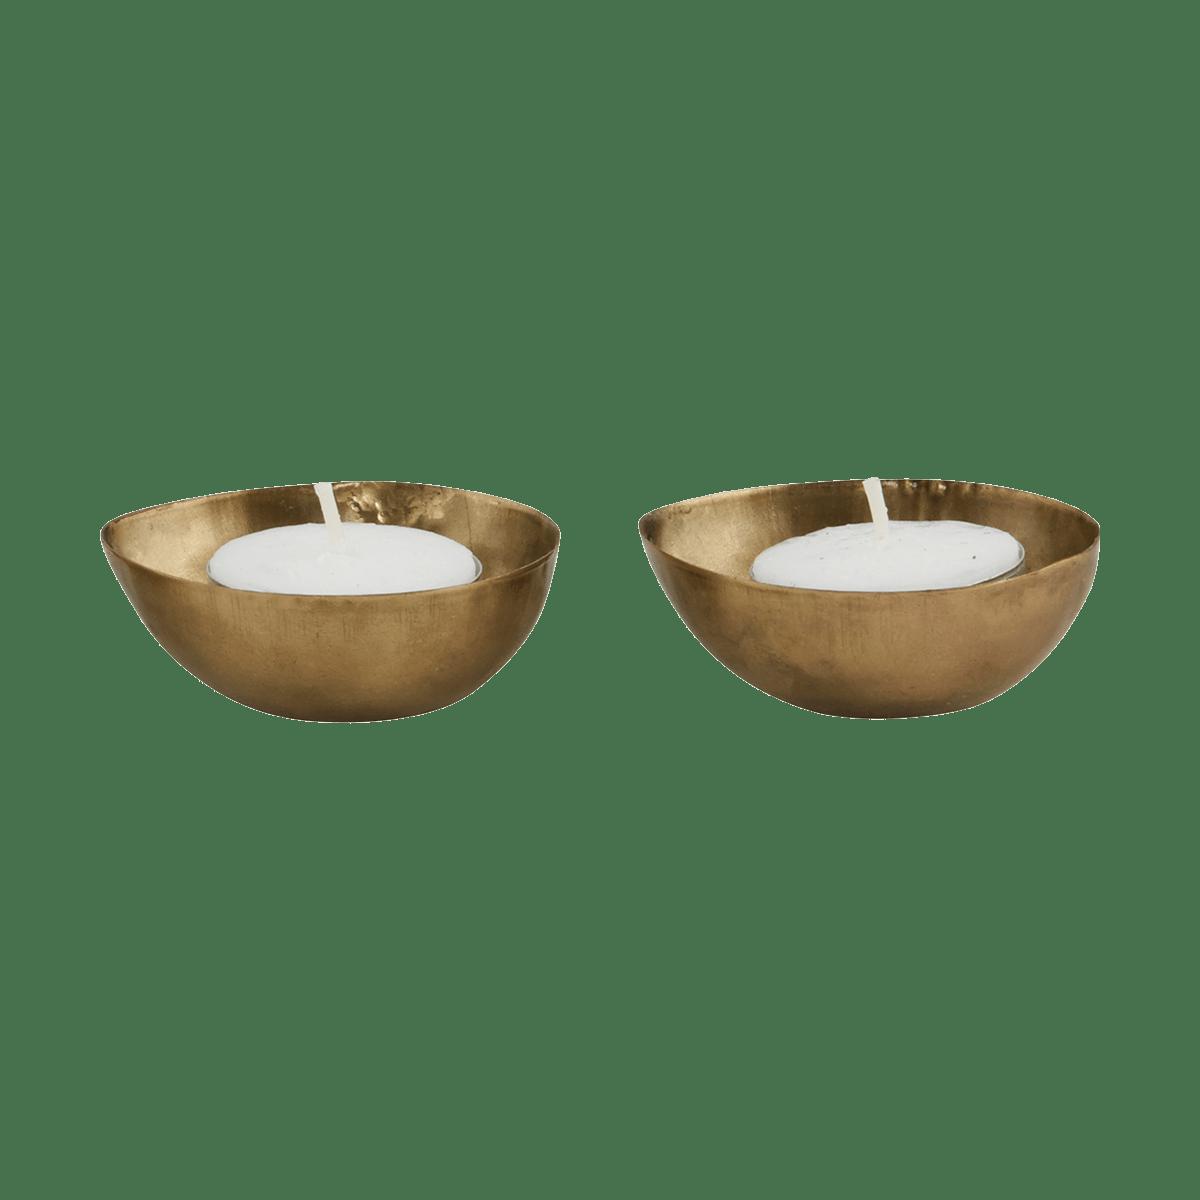 Mosazné čajové svíčky Egg